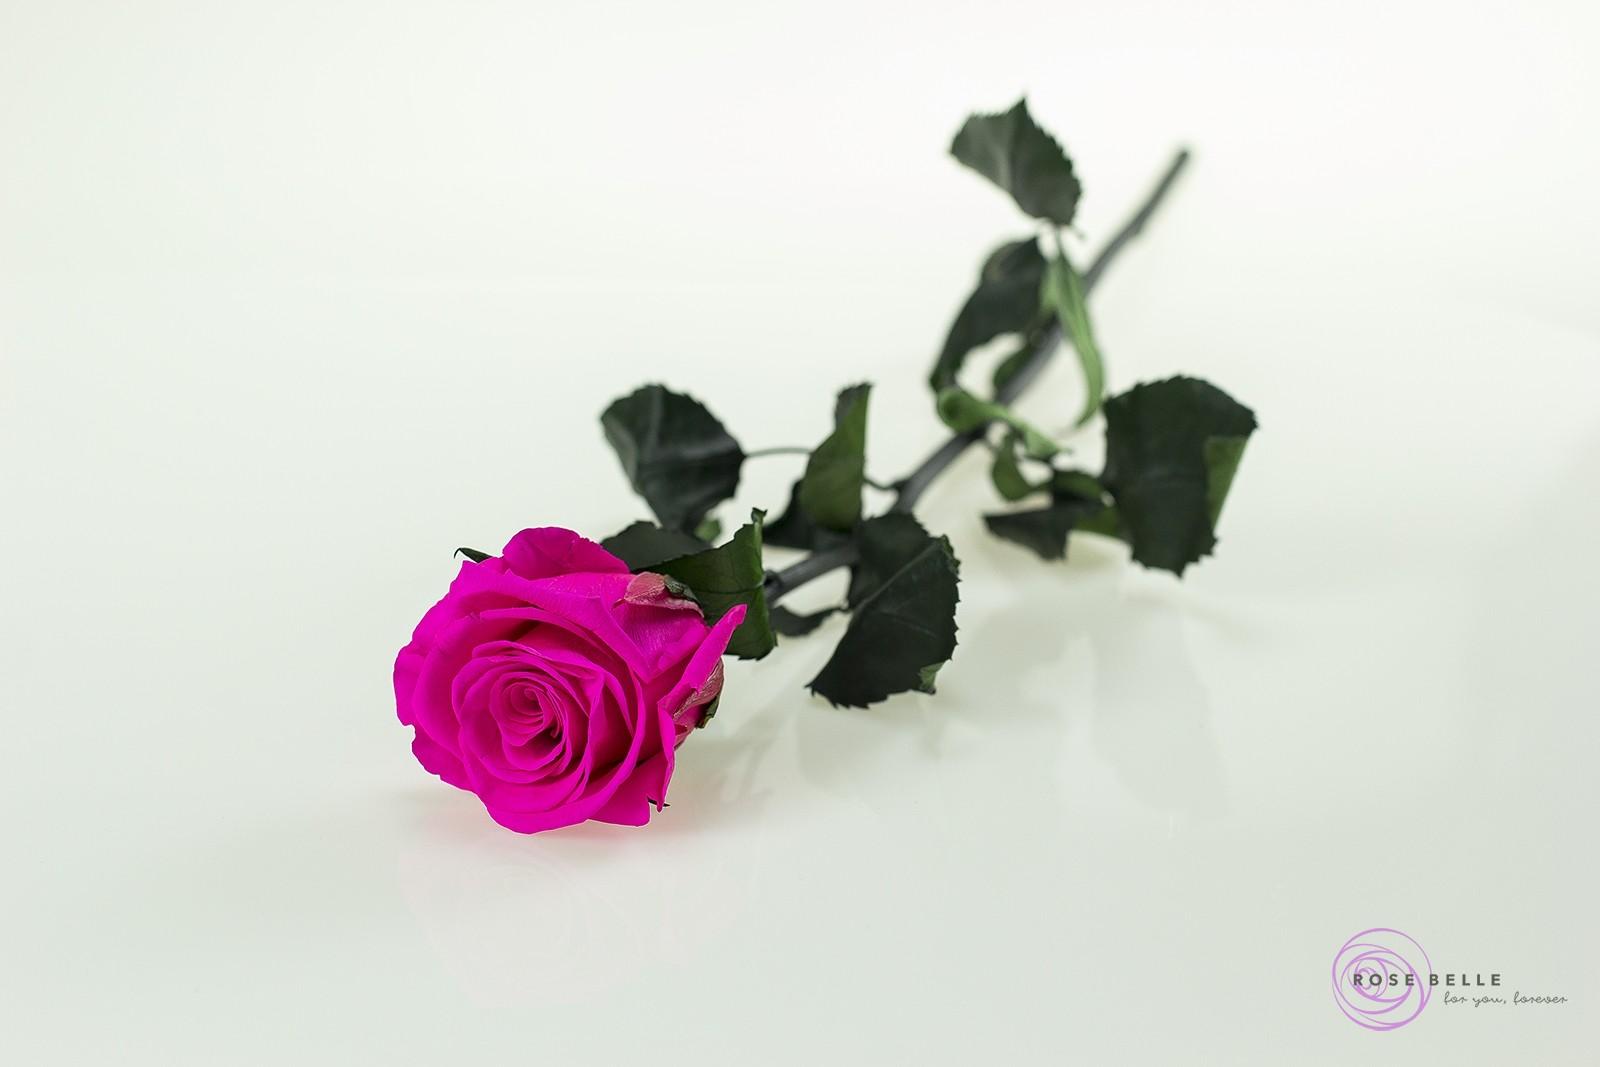 Rose Belle - róża krótka w kolorze elektryzująco różowym pokazana w całości.